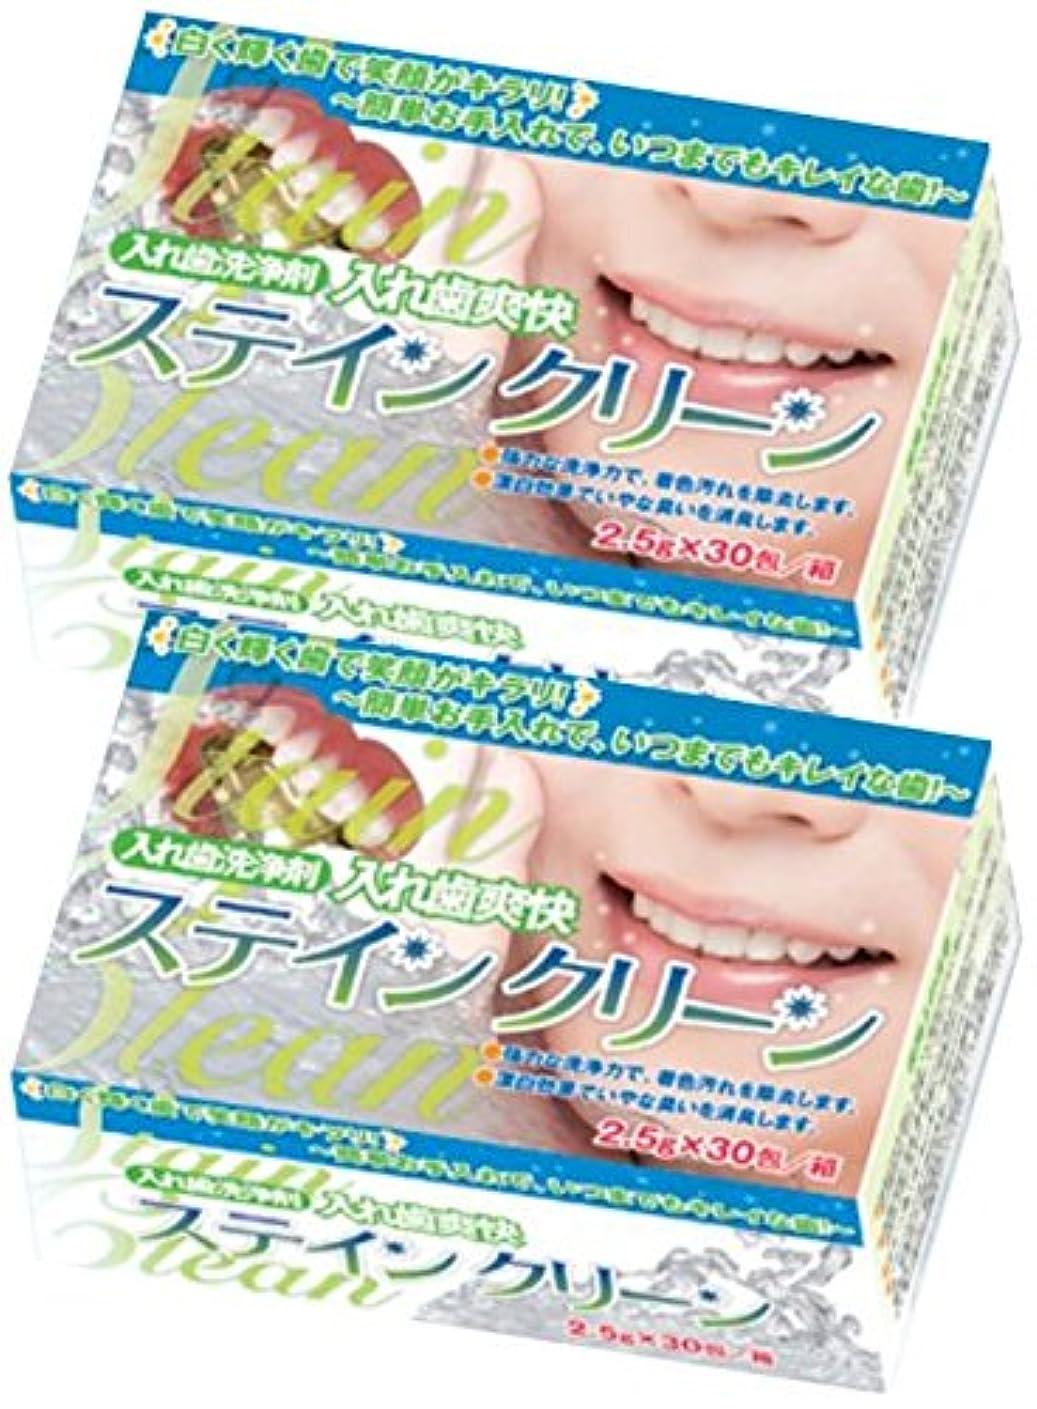 ライラック不従順はぁ入れ歯爽快 ステインクリーン 1箱(2.5g × 30包入り) 歯科医院専売品 (2箱)